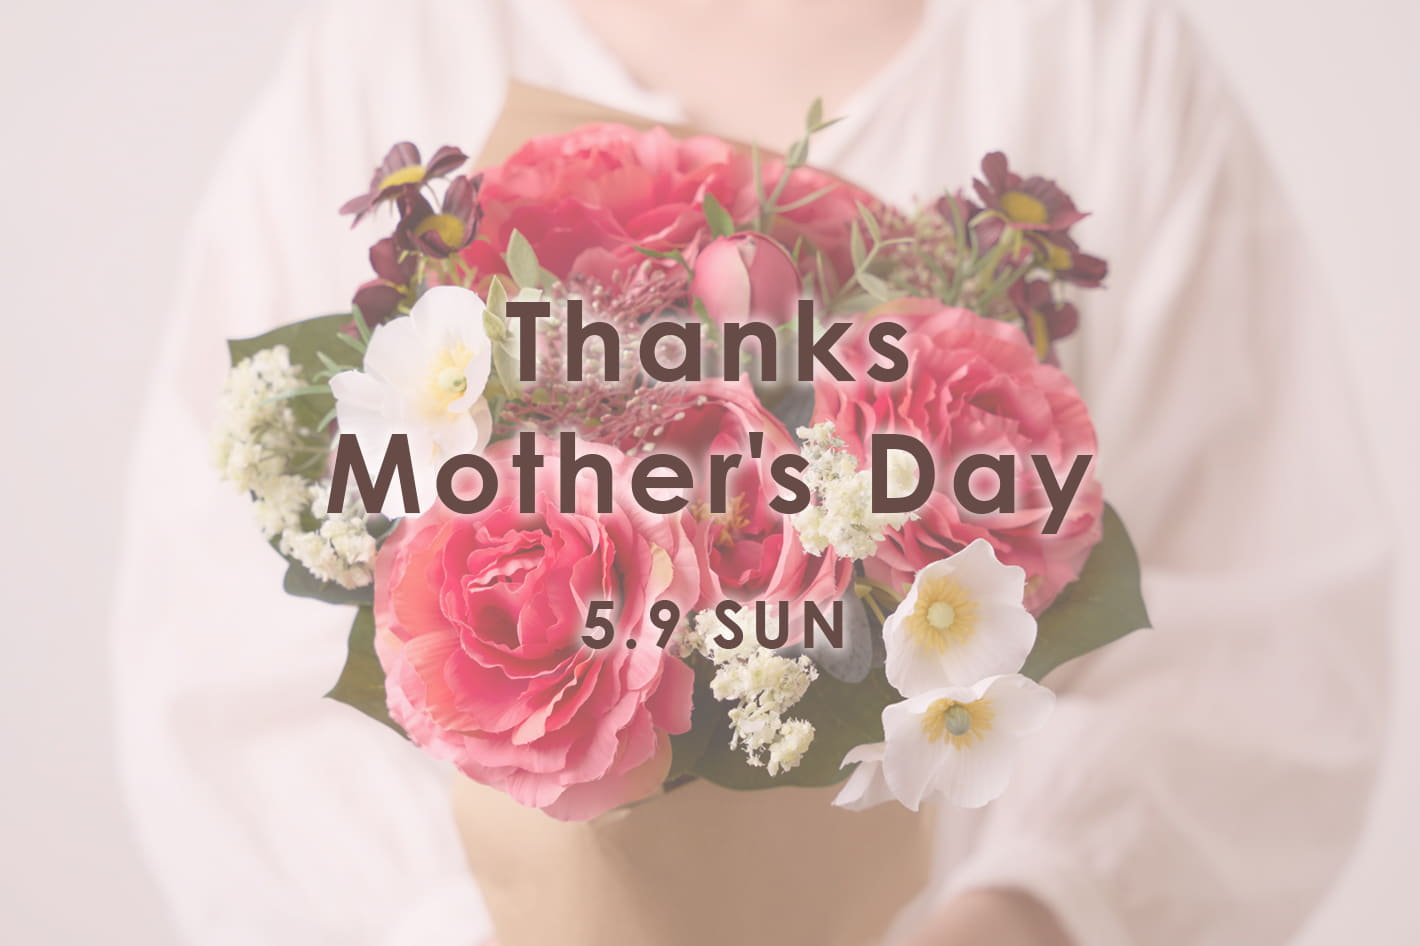 Daily russet お母さんいつもありがとう。母の日に贈りたいギフトアイテムをピックアップ